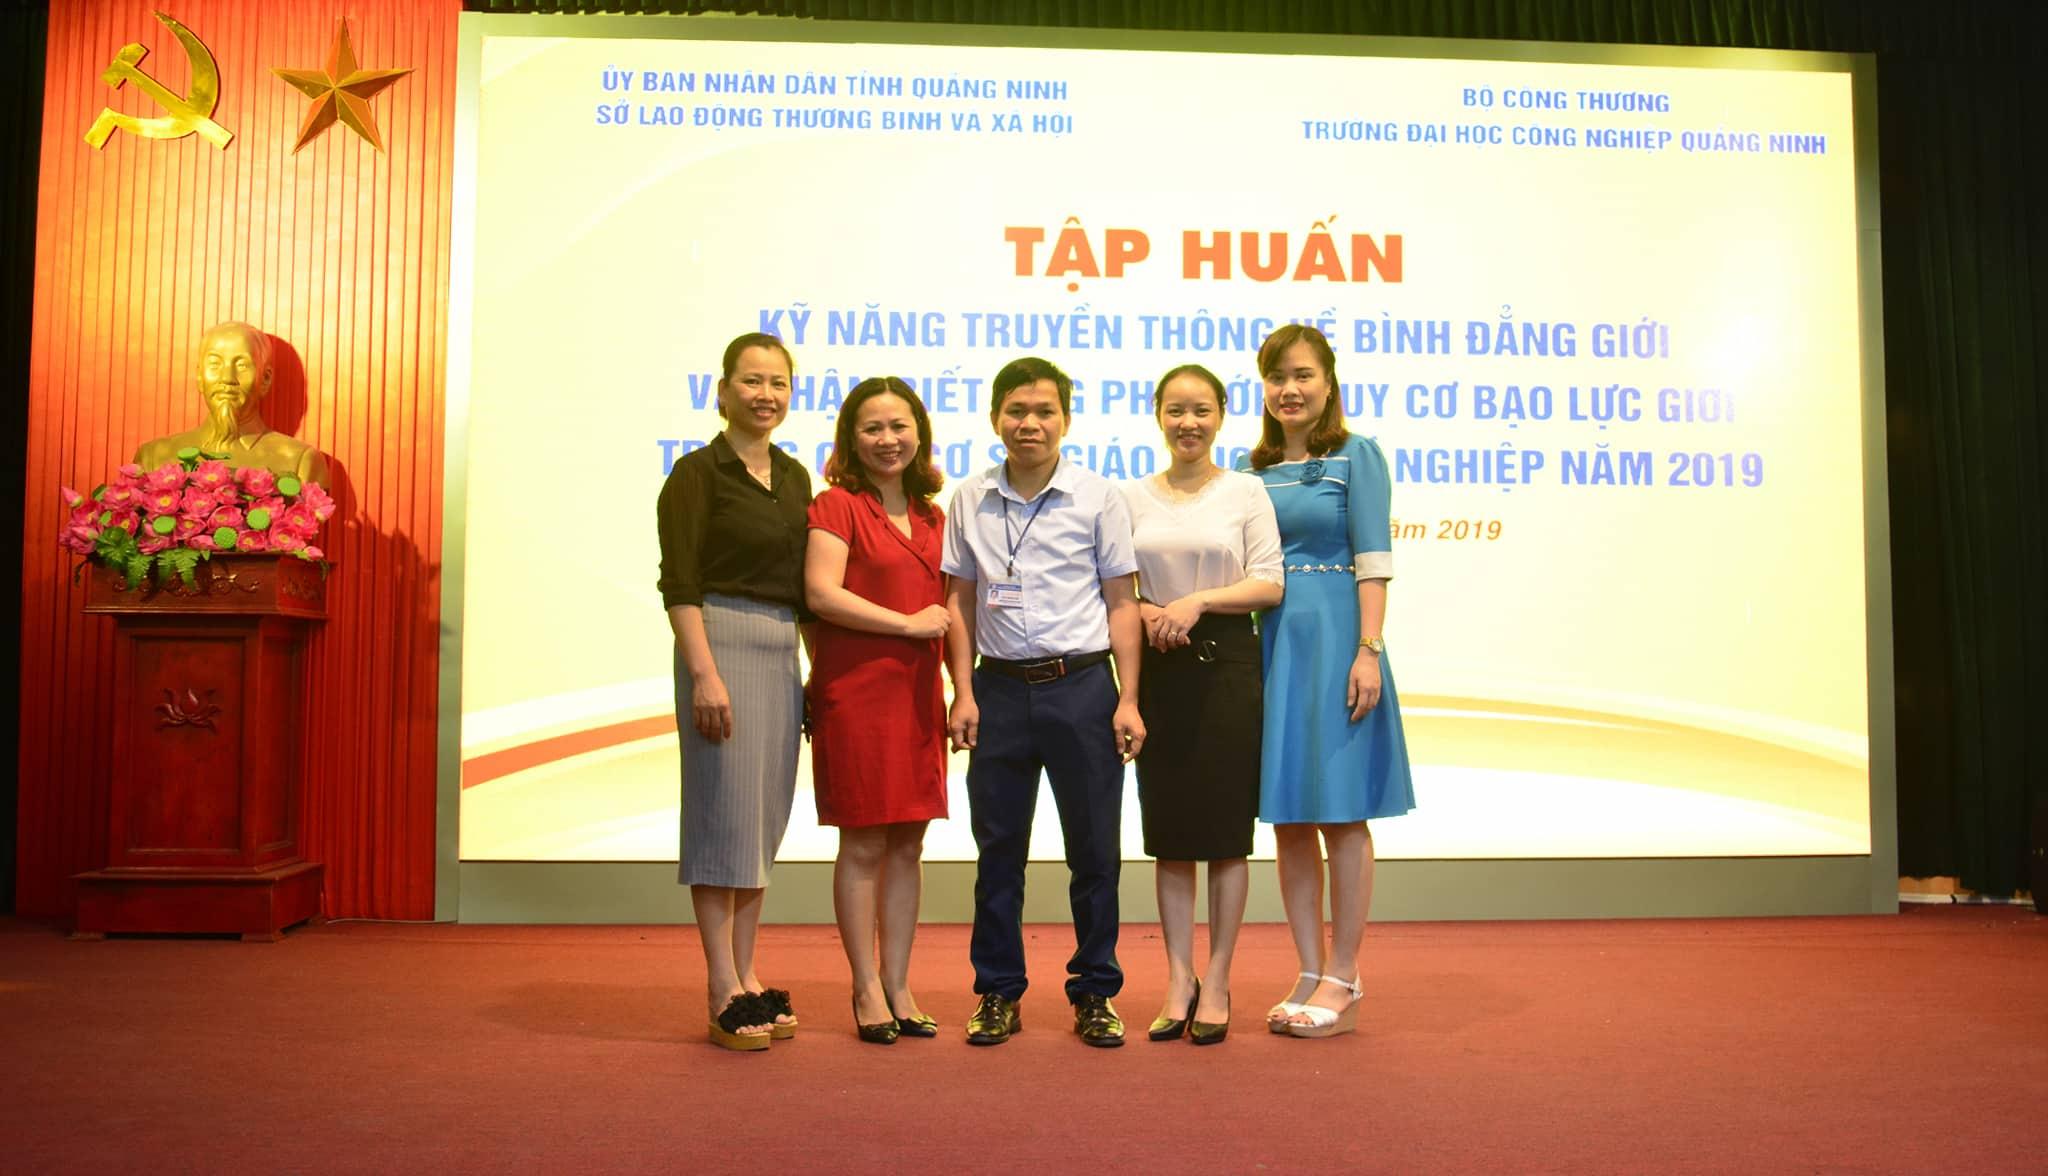 Hội nghị tập huấn kỹ năng truyền thông về bình đẳng giới và phân biệt ứng phó với nguy cơ bạo lực giới